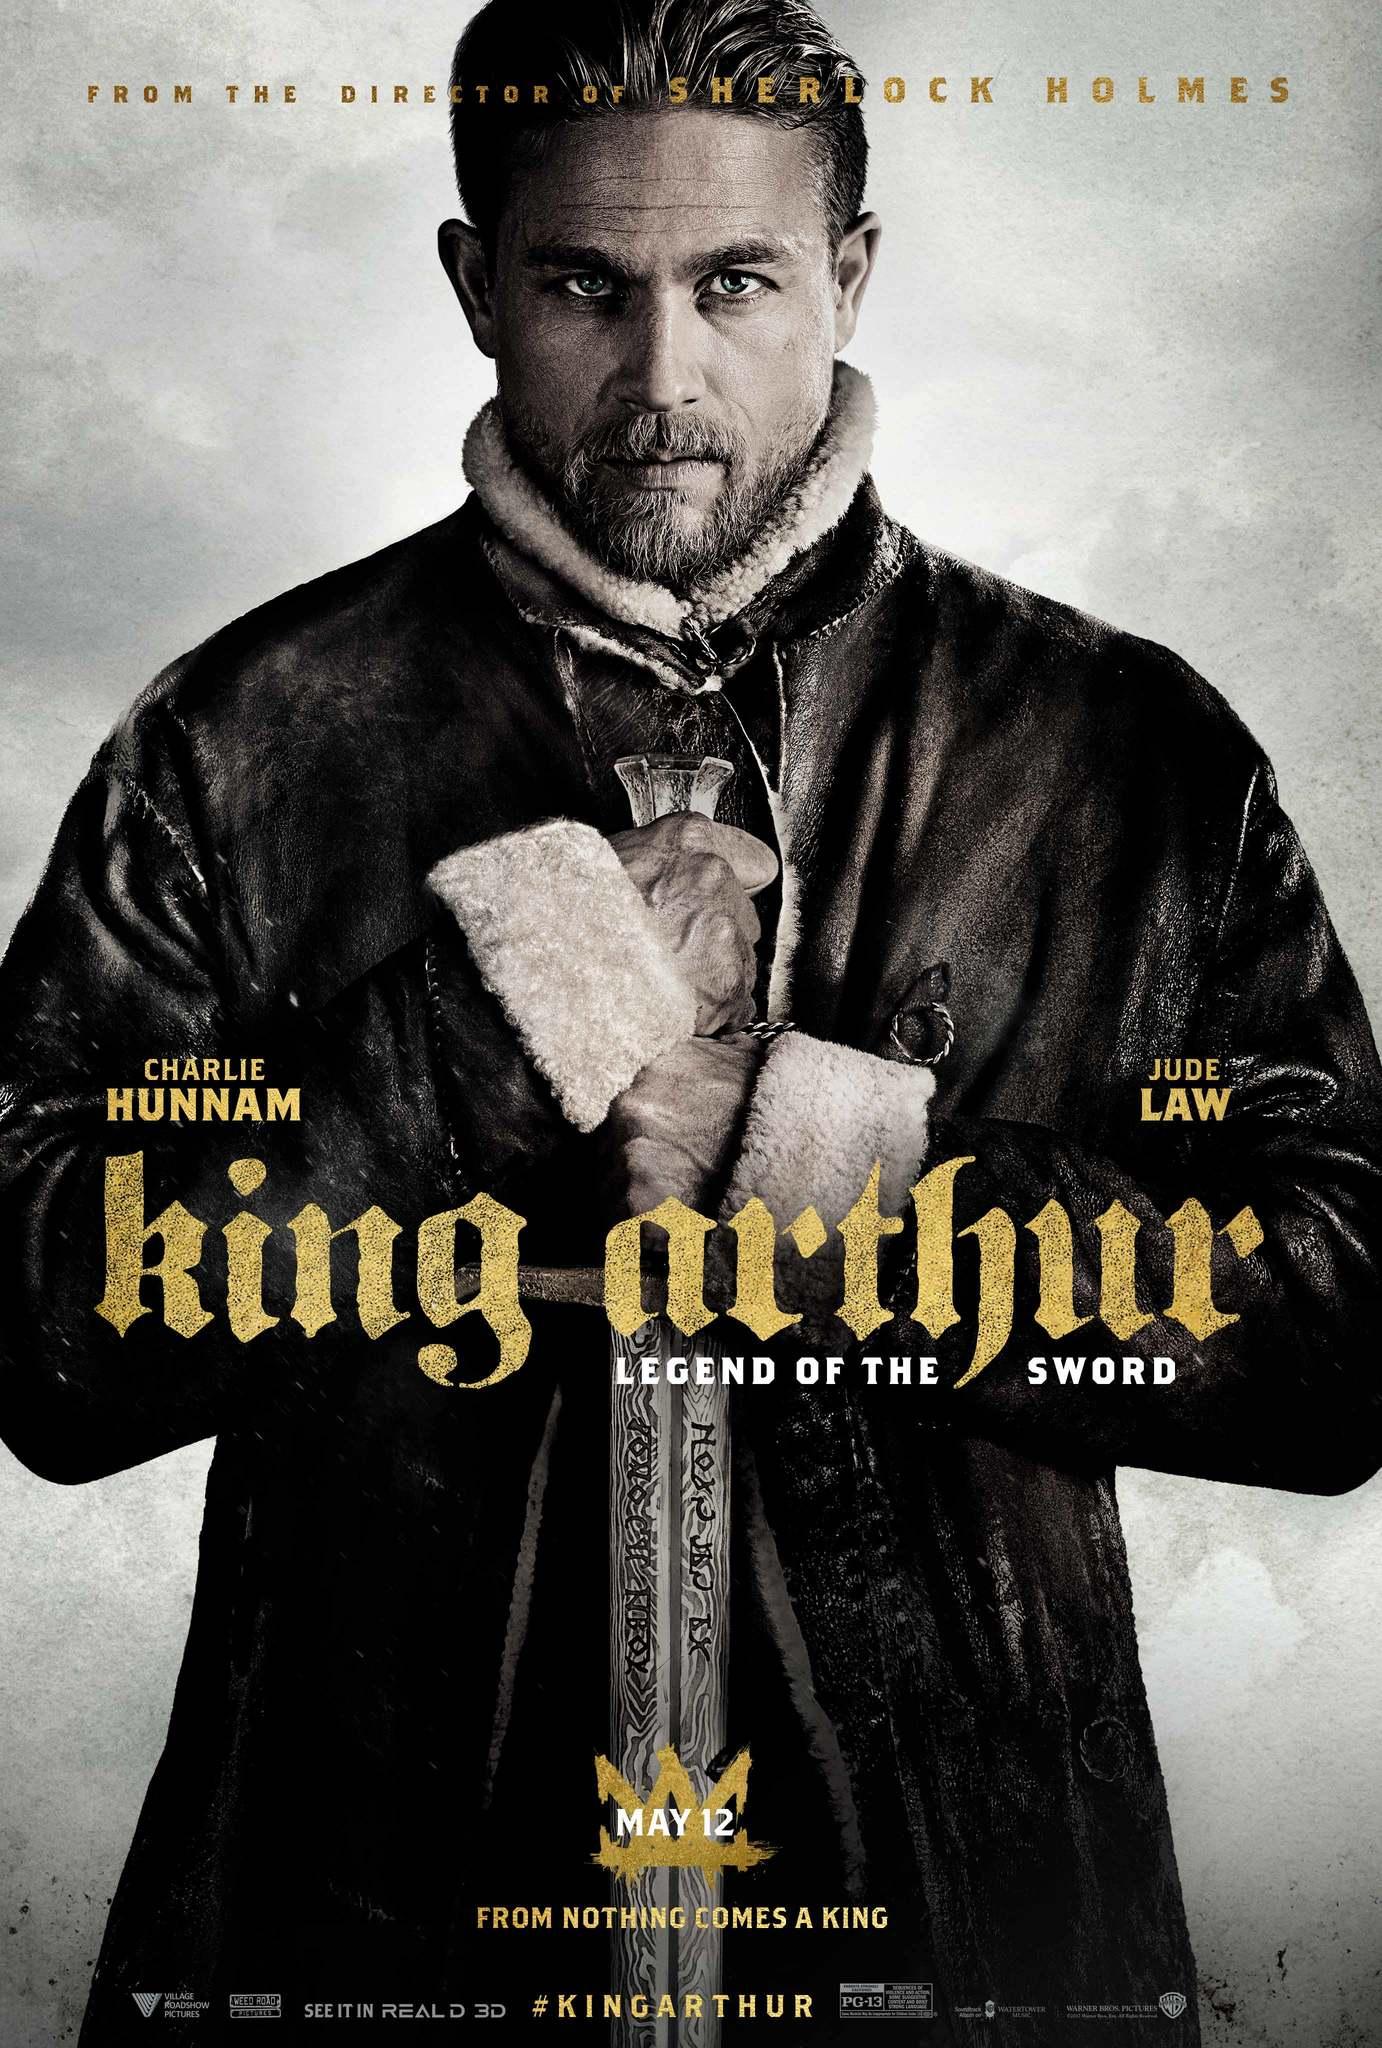 دانلود زیرنویس فارسی فیلم King Arthur: Legend of the Sword